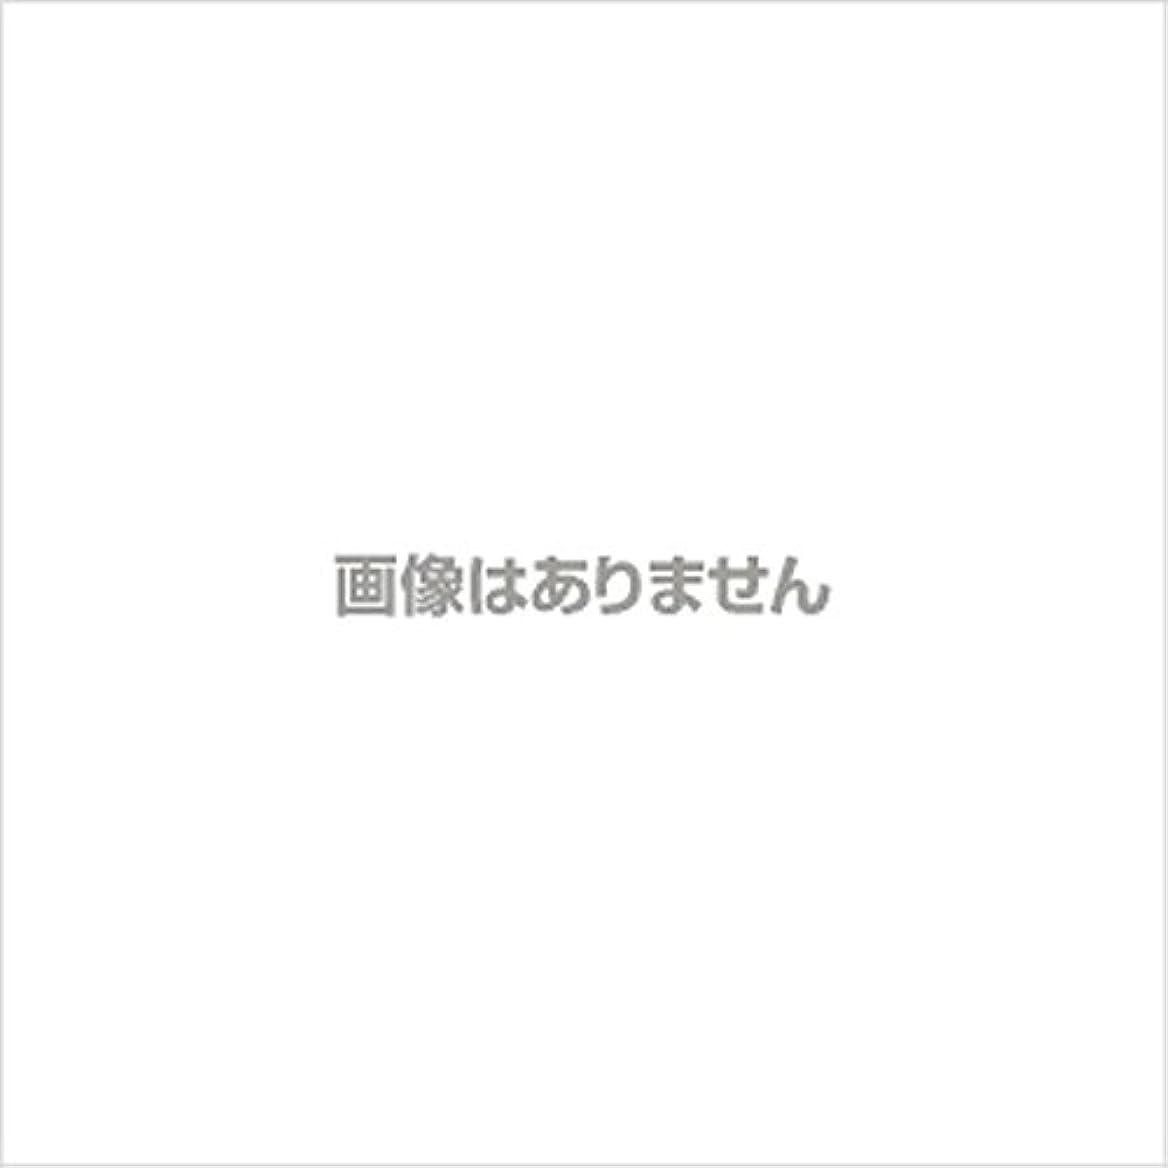 高い気分が悪い基礎理論【新発売】EBUKEA エブケアNO1002 プラスチックグローブ(粉付)Mサイズ 100枚入(極薄?半透明)